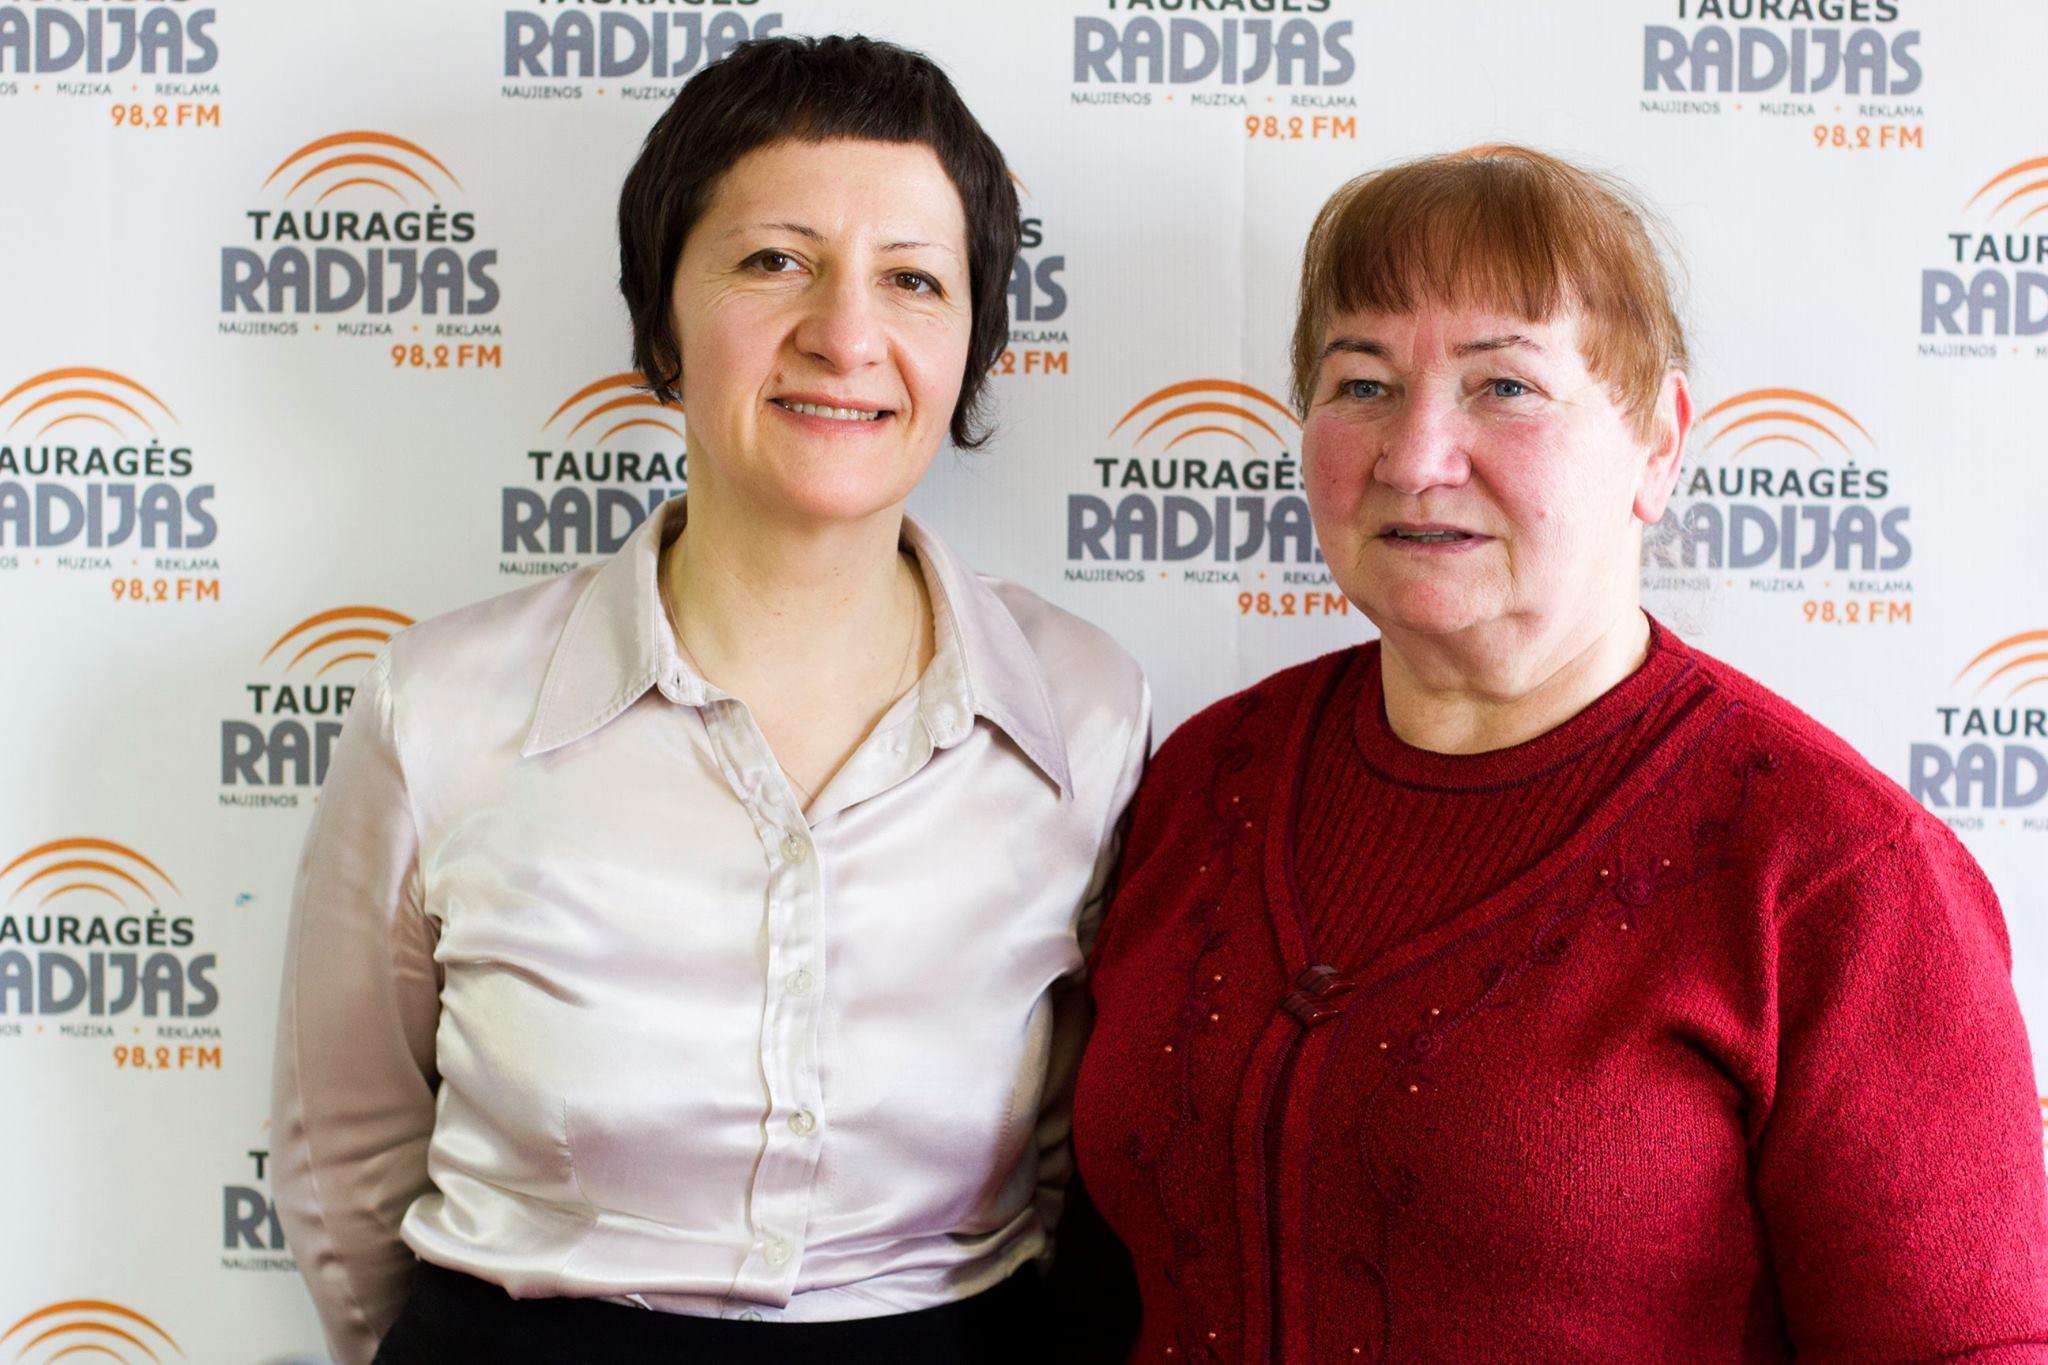 Lietuviškų papročių žinovė Regina Bliūdžiuvienė apie žmogaus pilnatvės paiešką